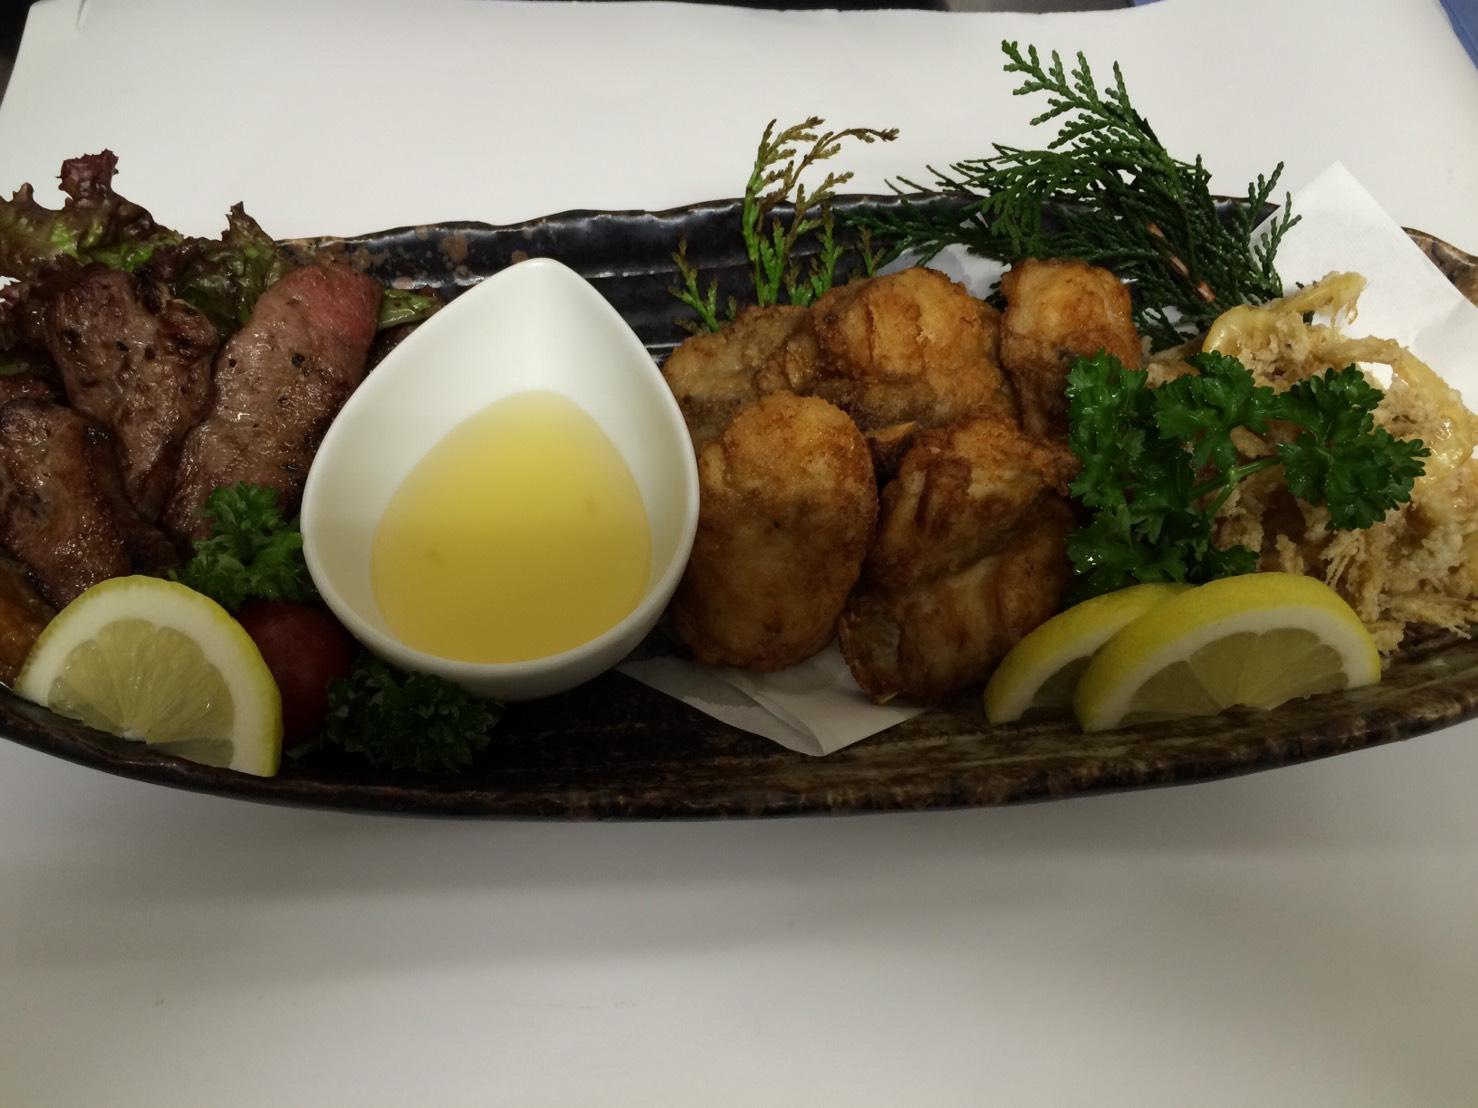 葉生姜・ふぐの唐揚げ・牛タン塩焼き・小エビ唐揚げの盛合せ